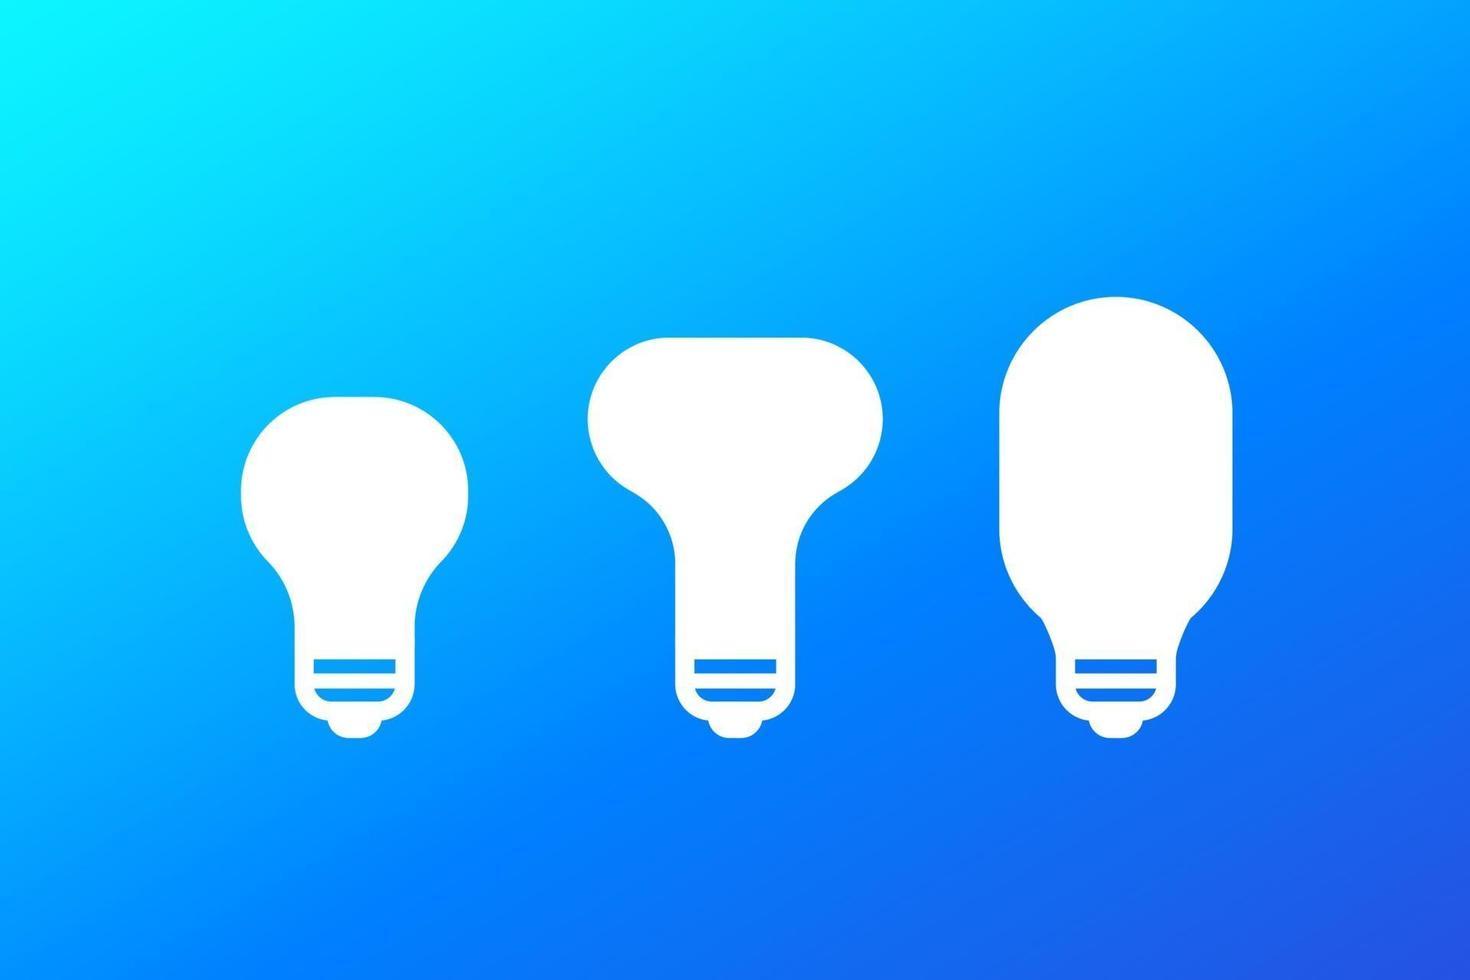 LED-Glühbirnen-Symbole, vector.eps vektor